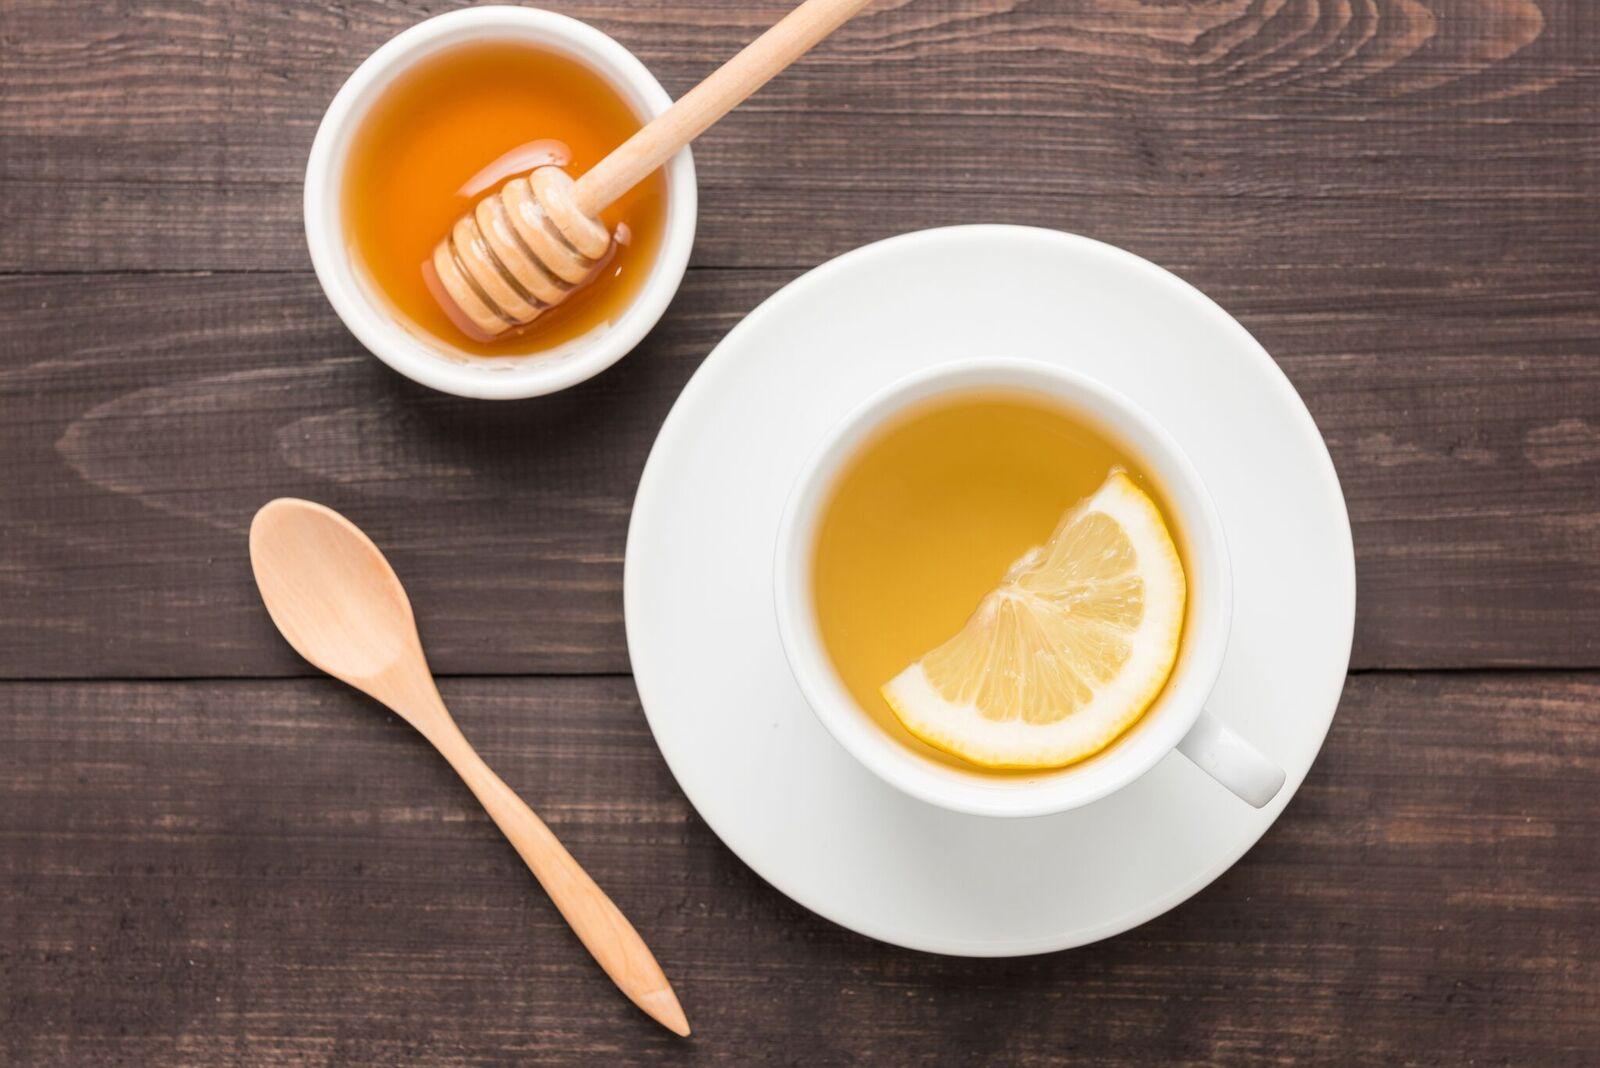 عسل را به هر طریقی که میتوانید در سیستم تغذیه روزانه خود بگنجانید.